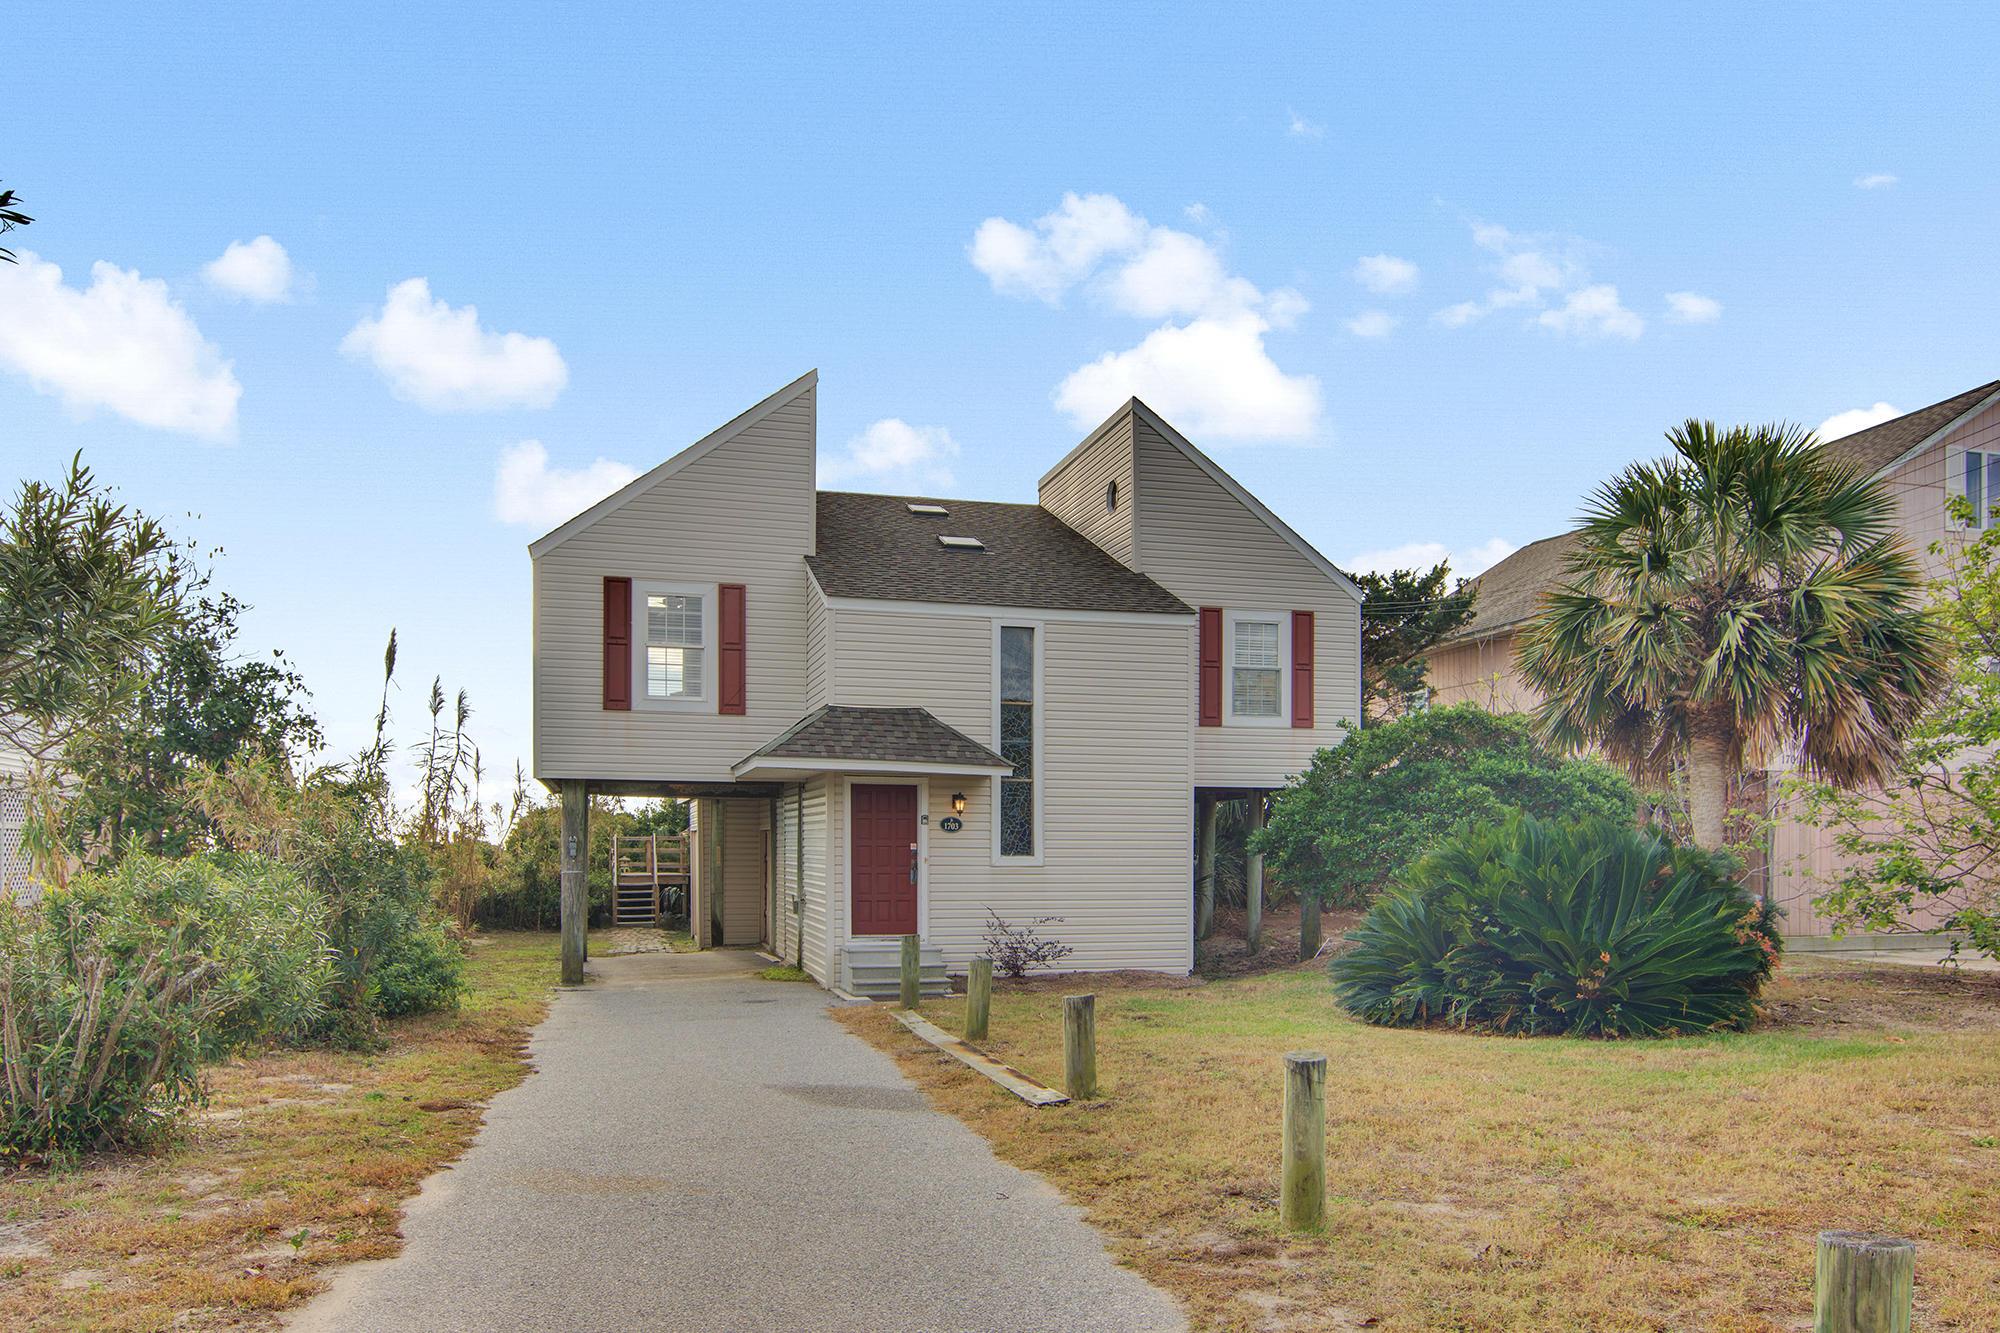 Folly Beach Homes For Sale - 1703 Ashley, Folly Beach, SC - 19